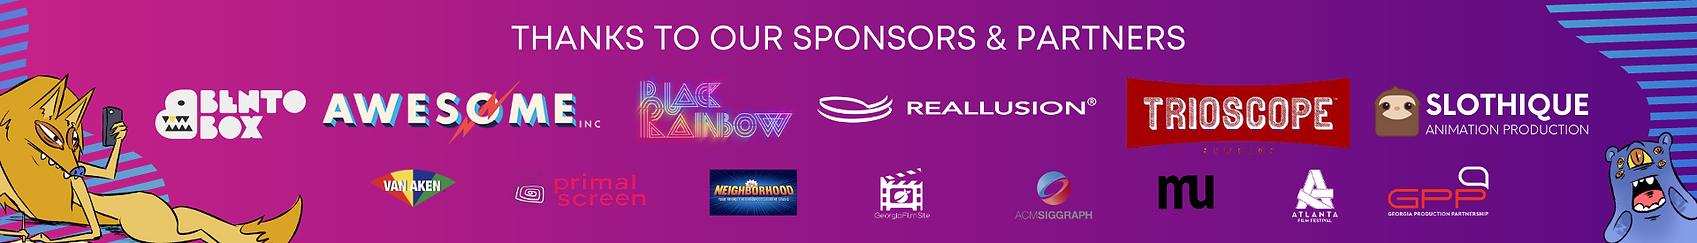 Sponsor-header-banner-1.png